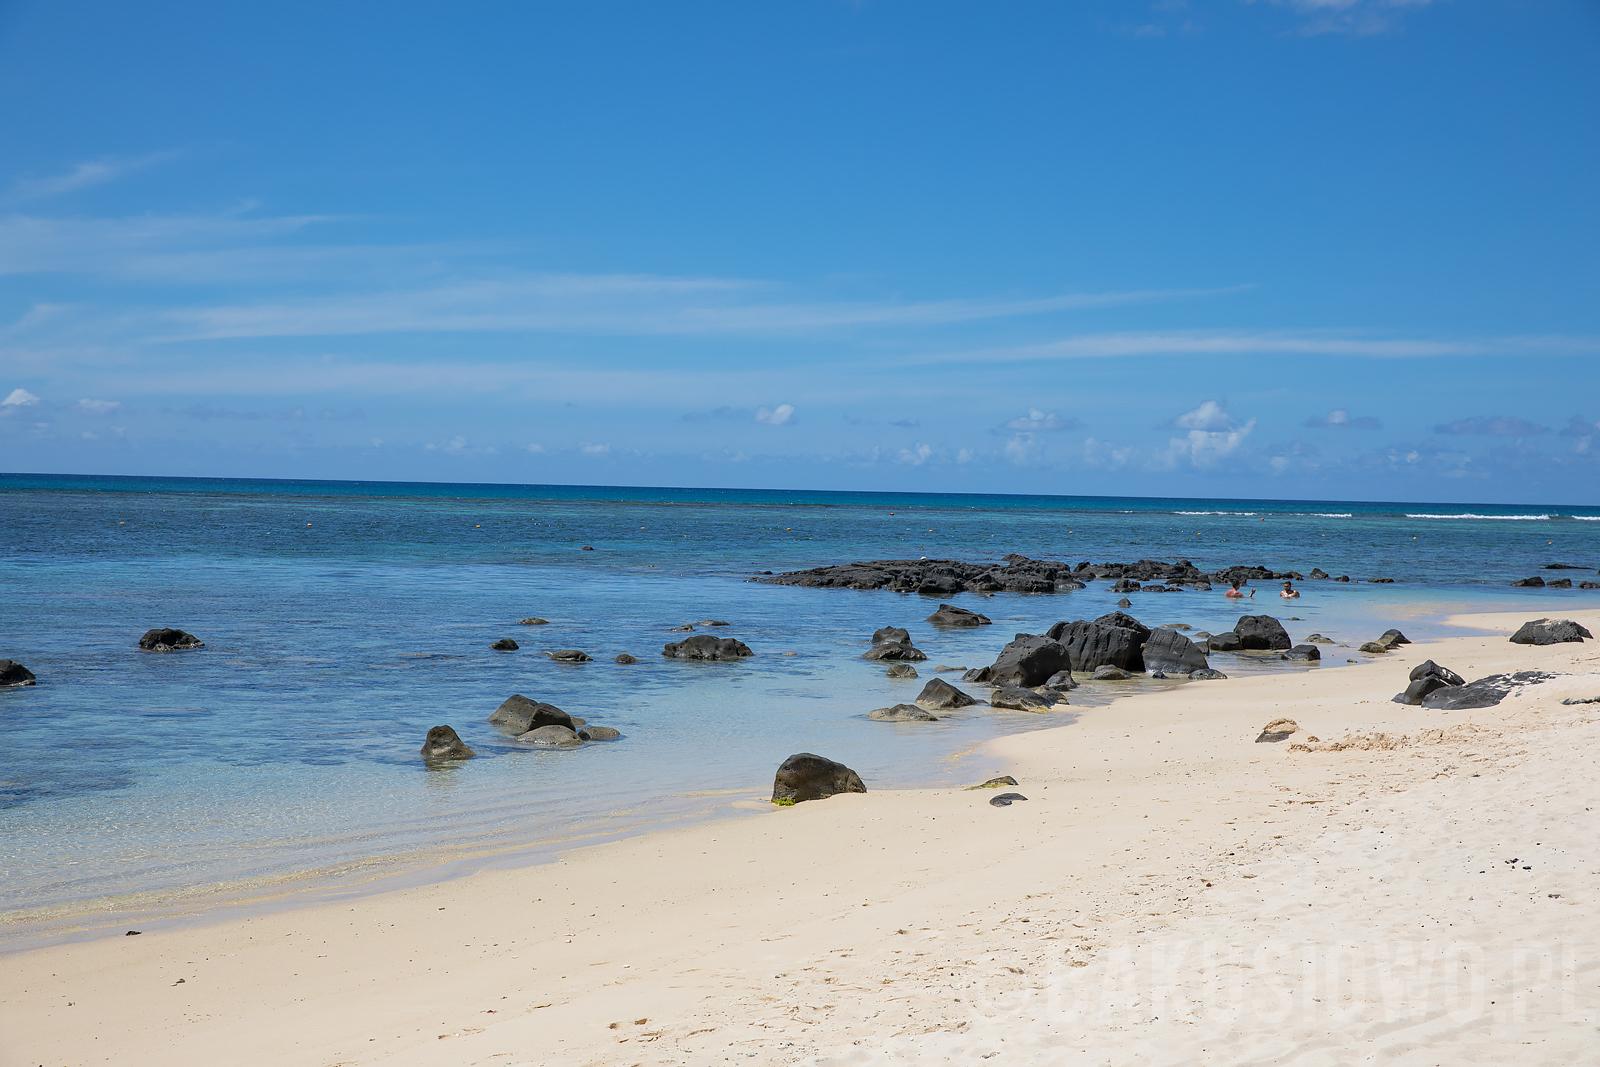 mauritius-le-meridien-photos-81